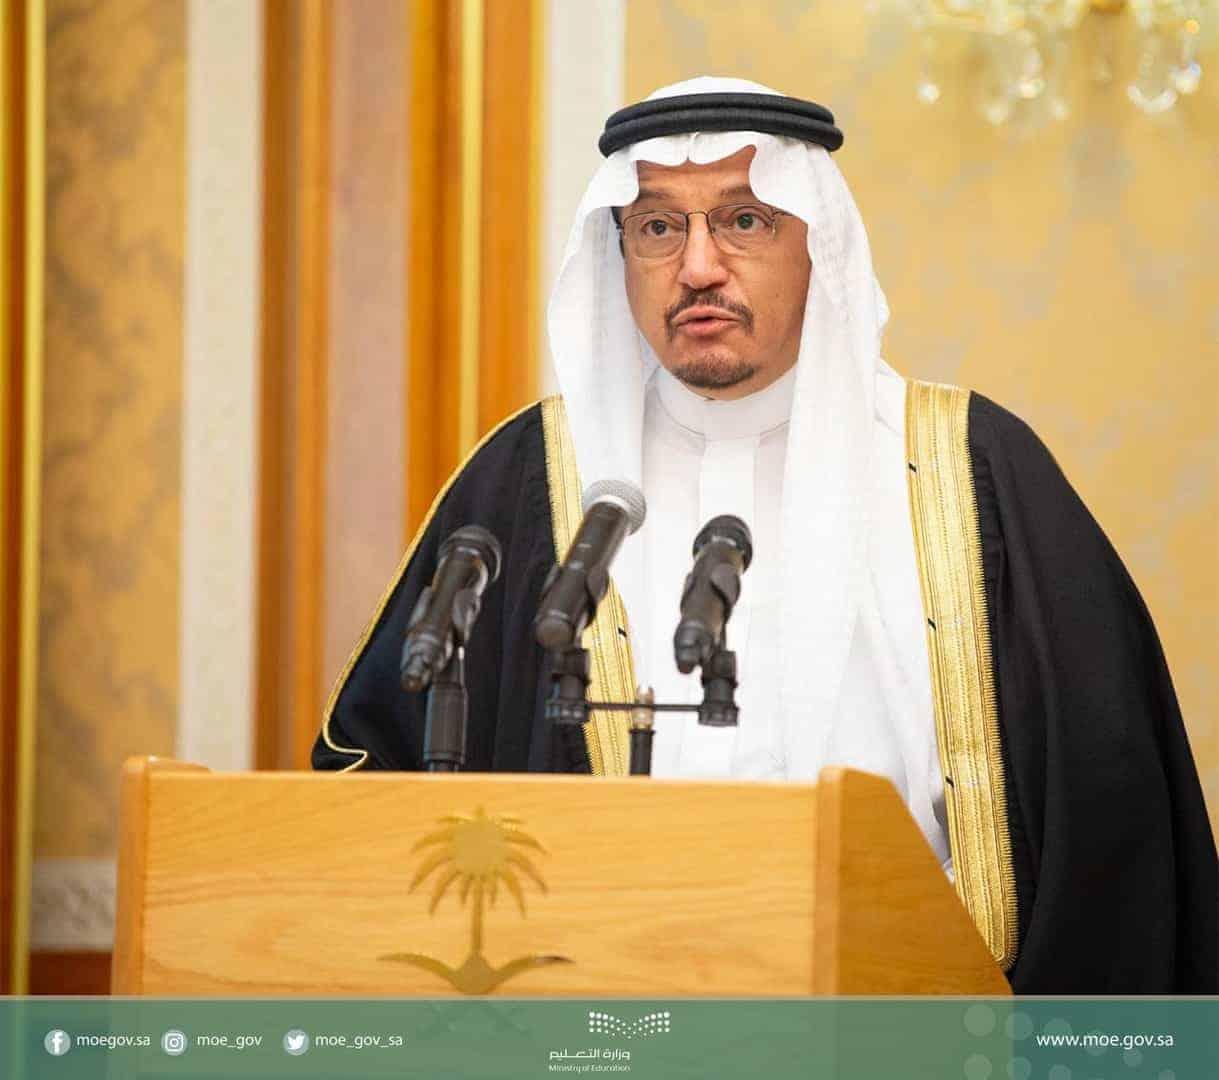 أحدث قرارات وزير التعليم السعودي الجديدة 2021 بشأن الفصل الدراسي الثاني ثقفني